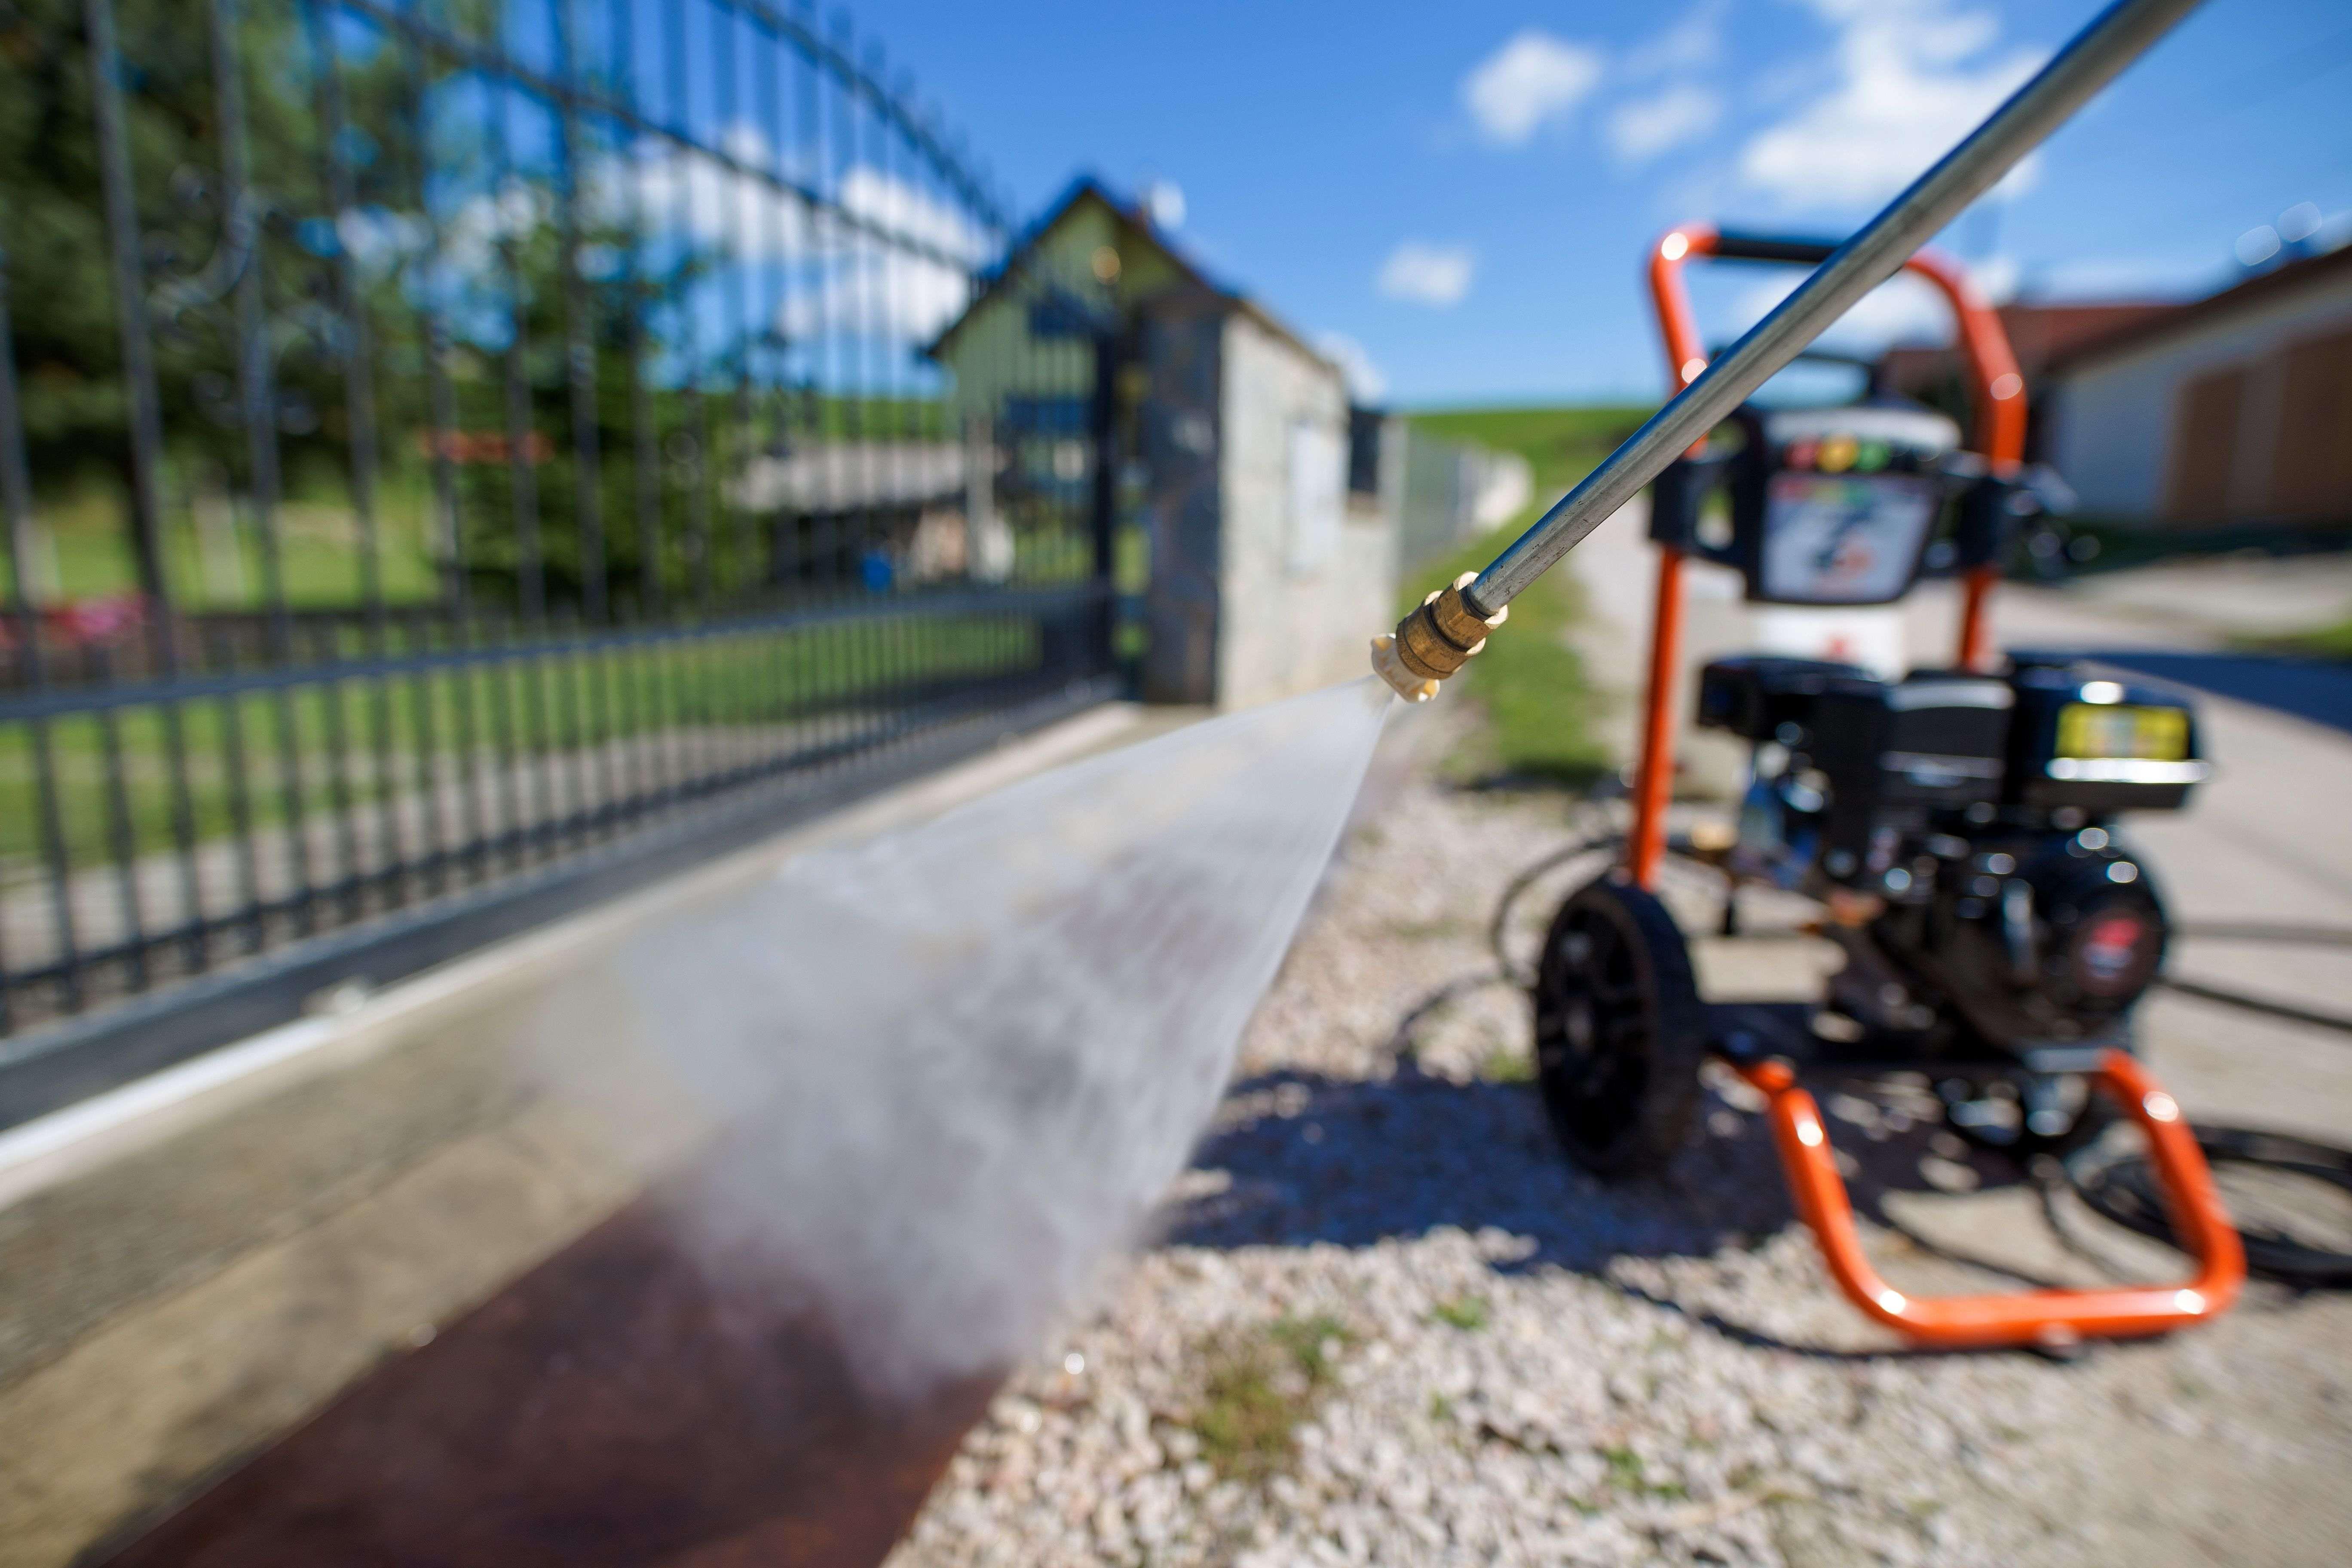 Comment choisir  un nettoyeur haute pression thermique